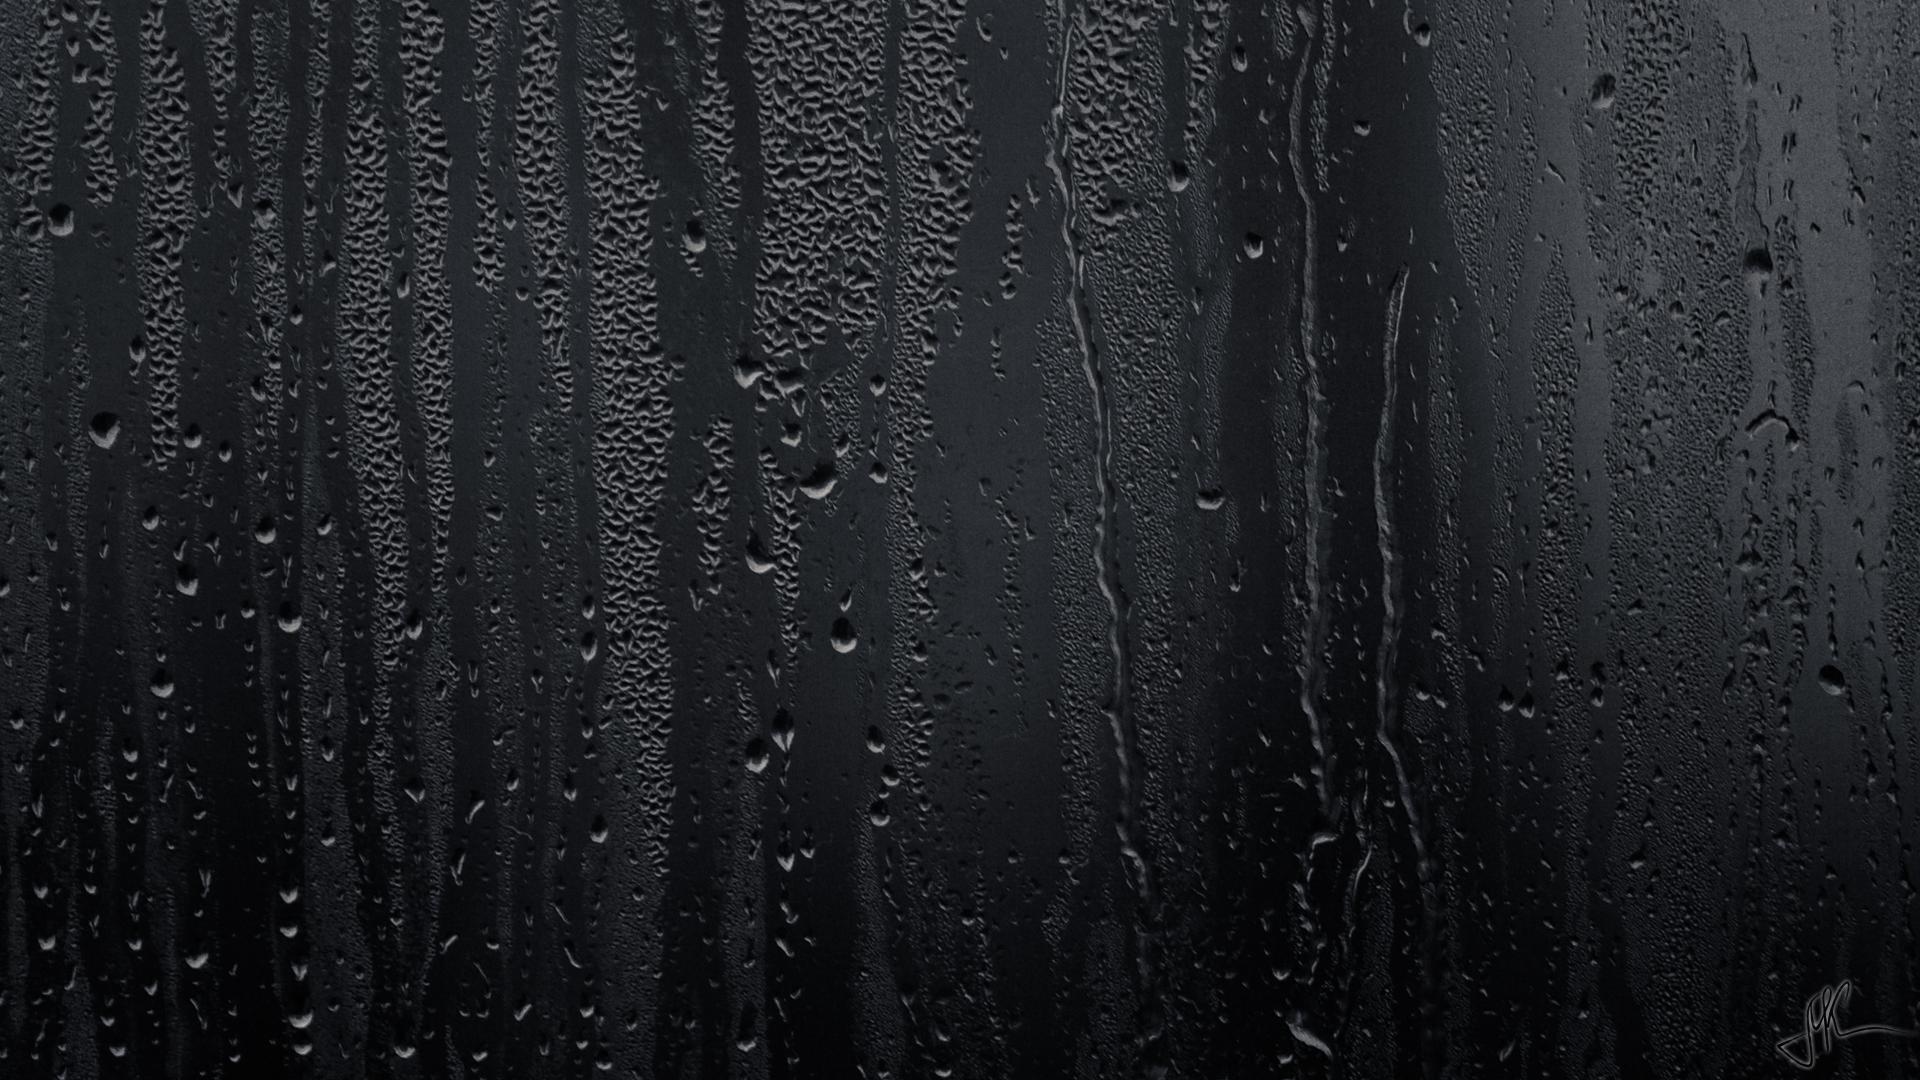 Sfondi monocromo pioggia gocce d 39 acqua struttura for Finestra con gocce d acqua